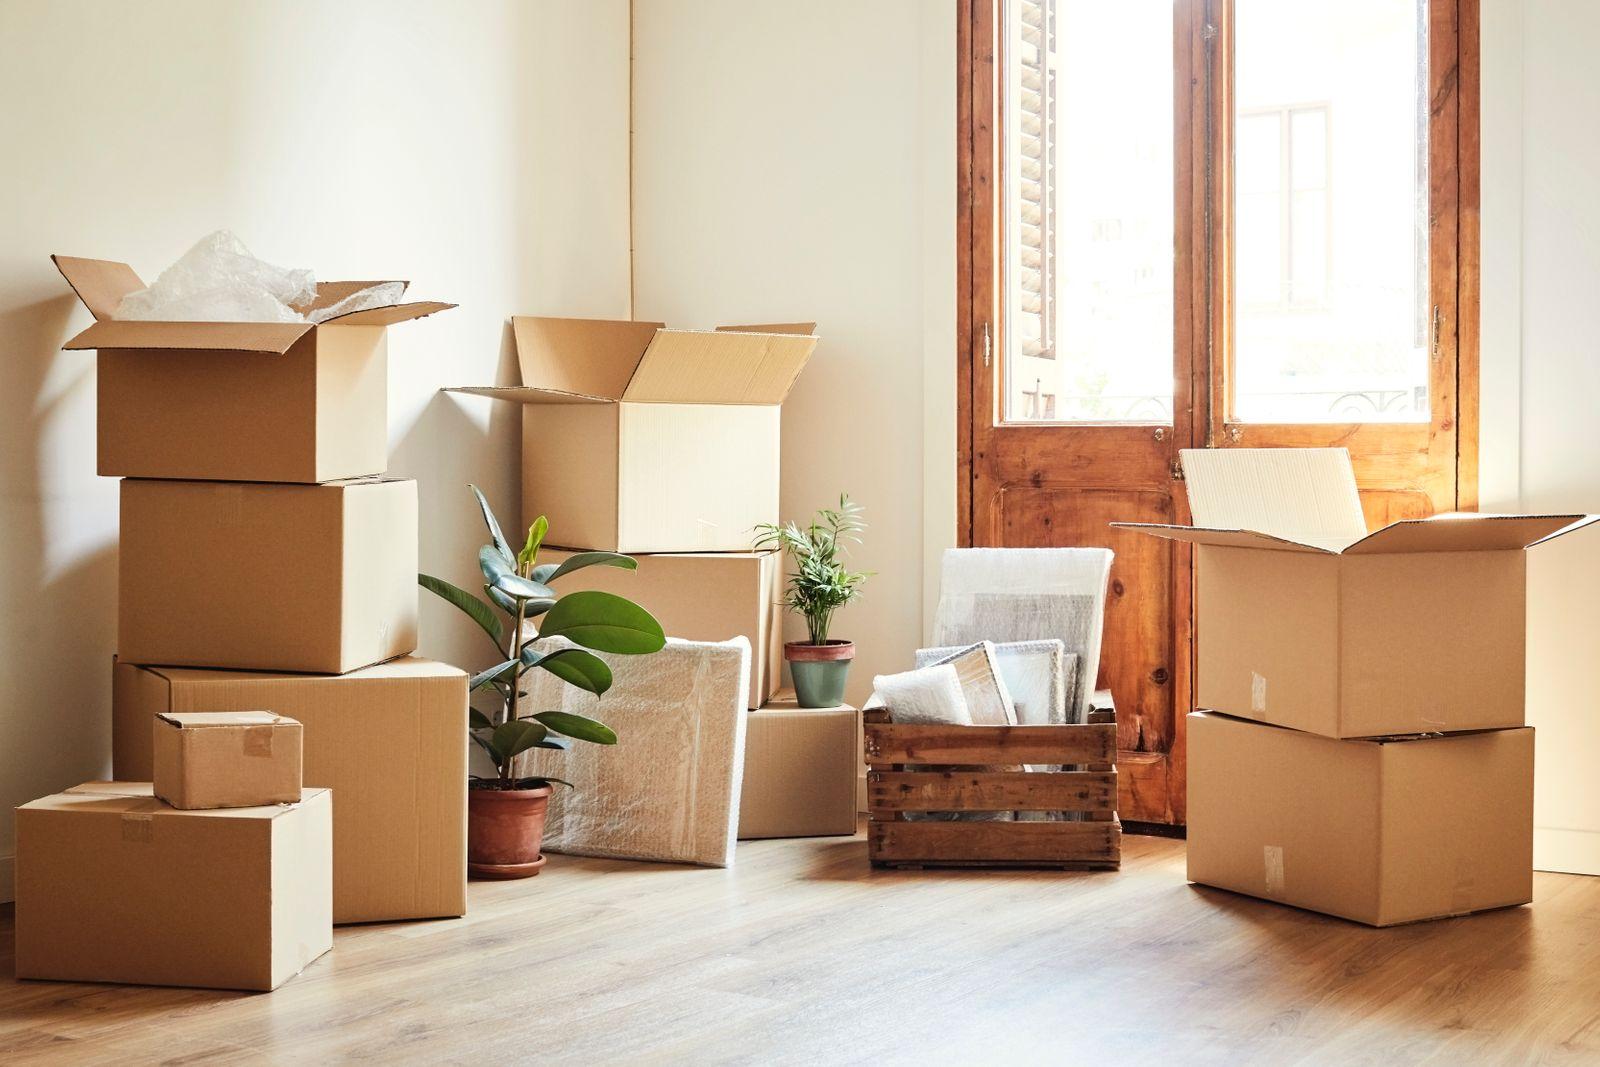 accumuler des boîtes pour un déménagement